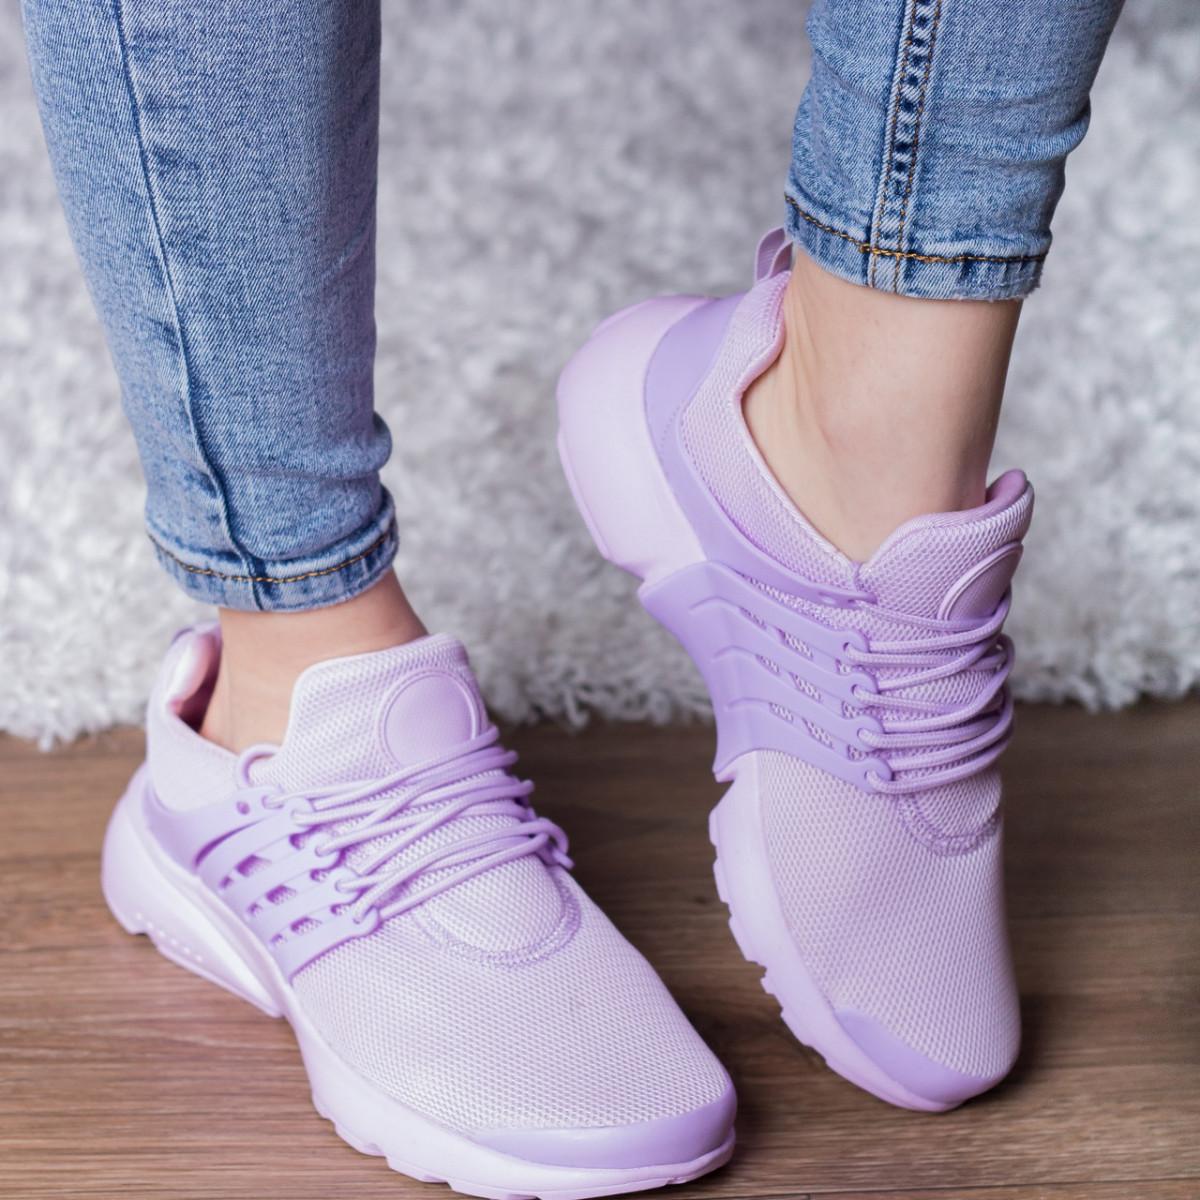 Кросівки жіночі Fashion Qaylie 2700 36 розмір, 23,5 см Фіолетовий 41